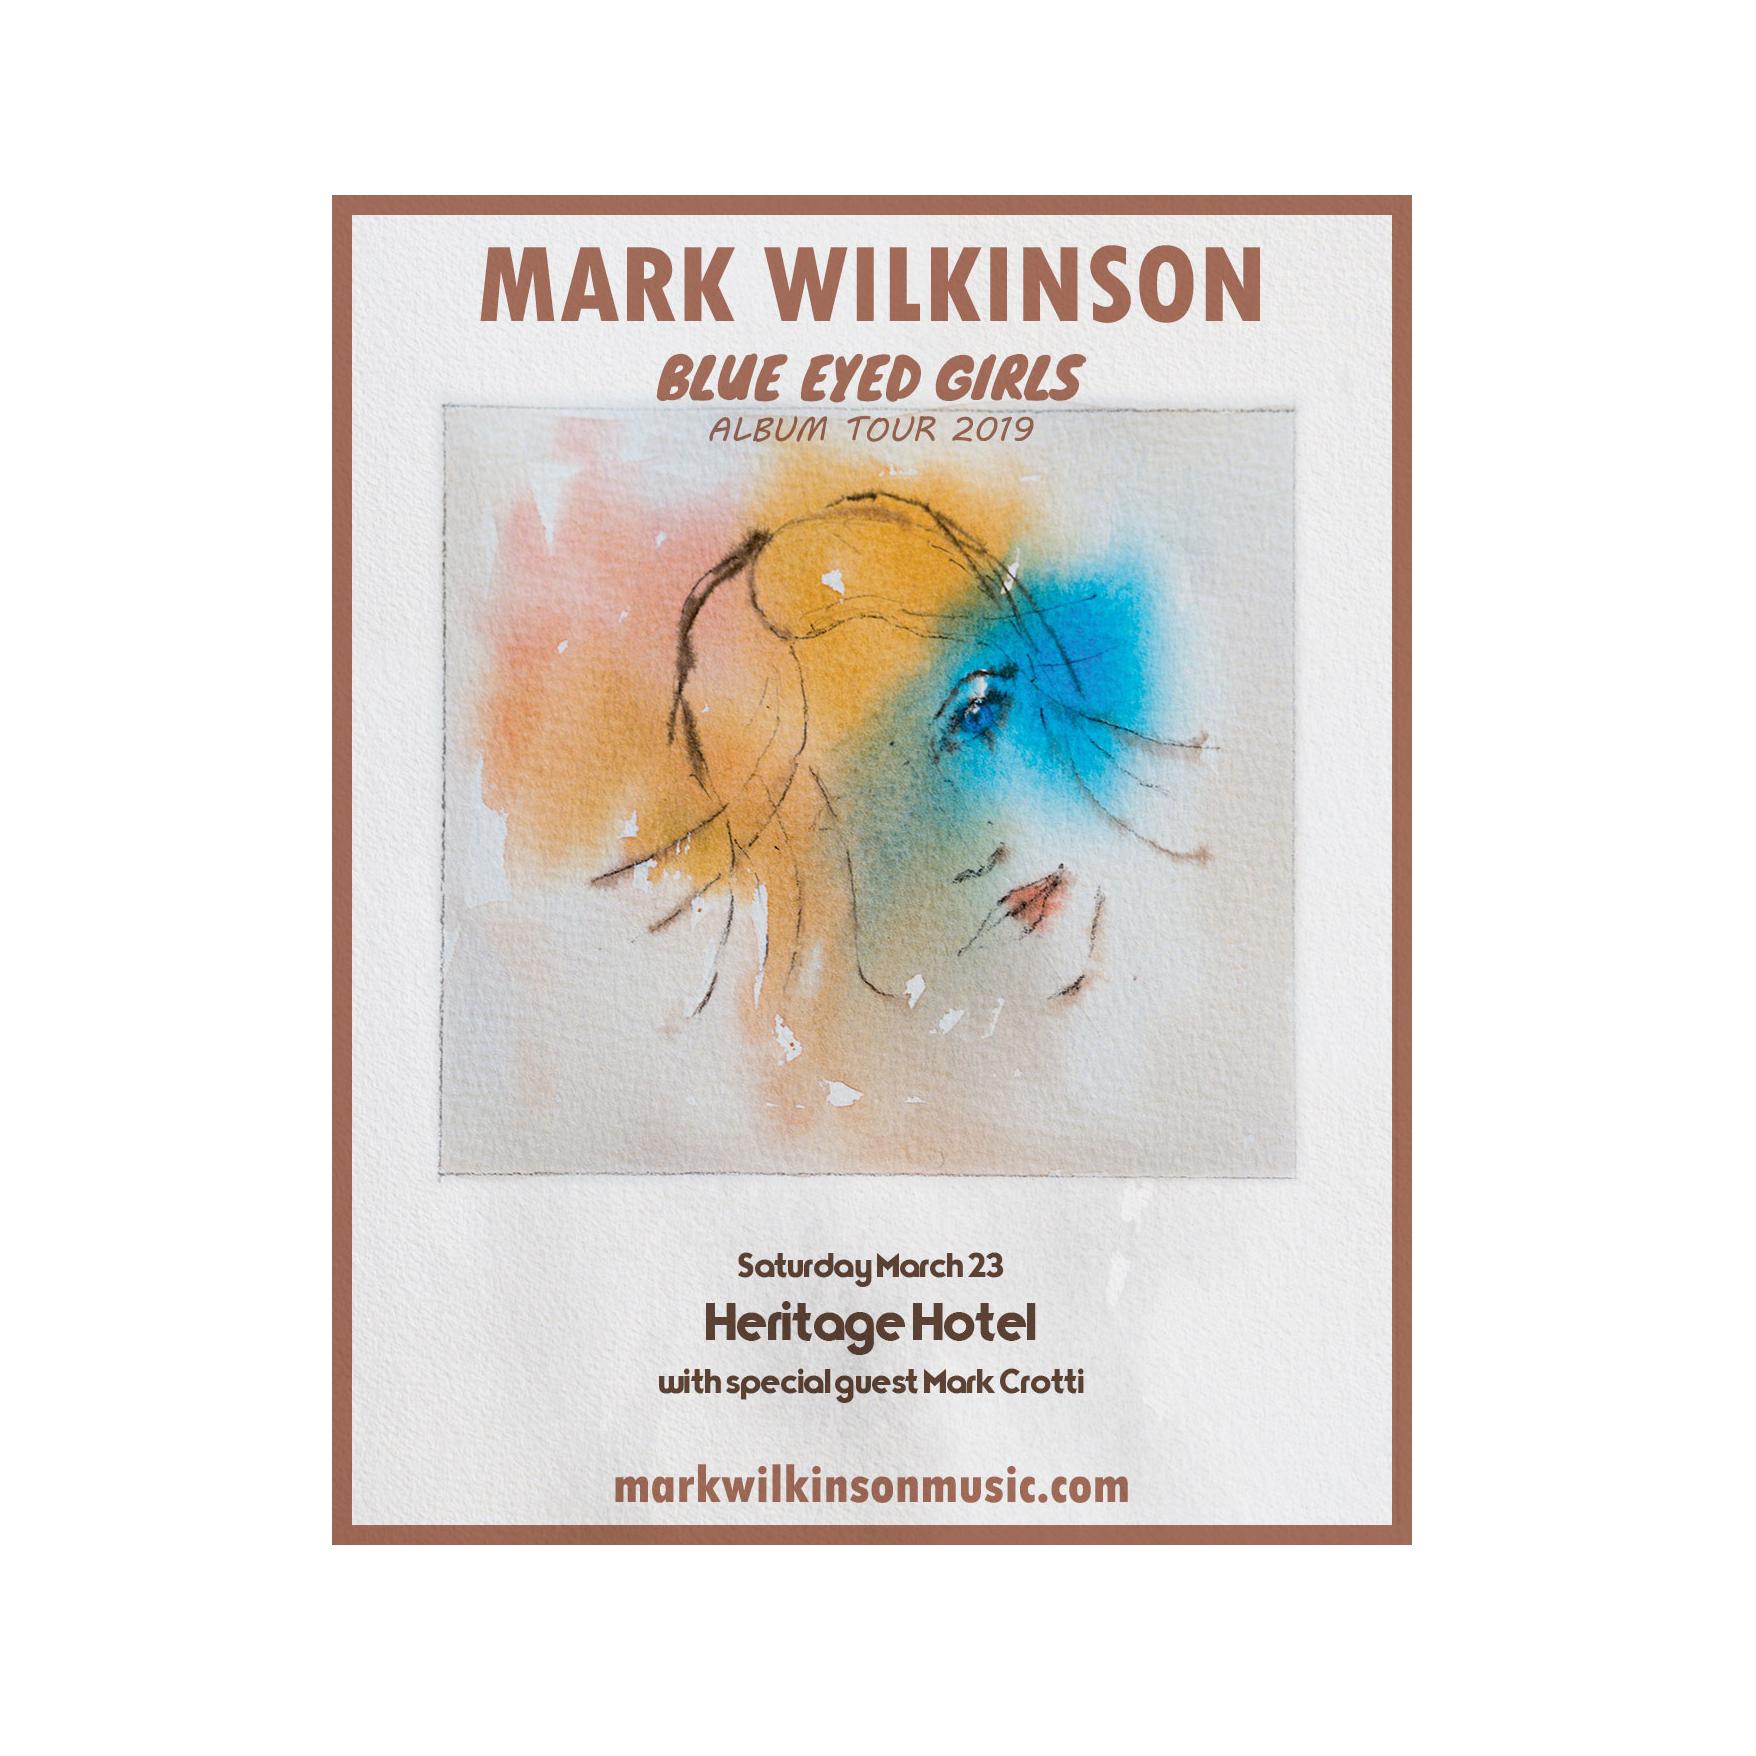 1x1MarkWilkinson-190323-HeritageHotel-Tile (1).jpg